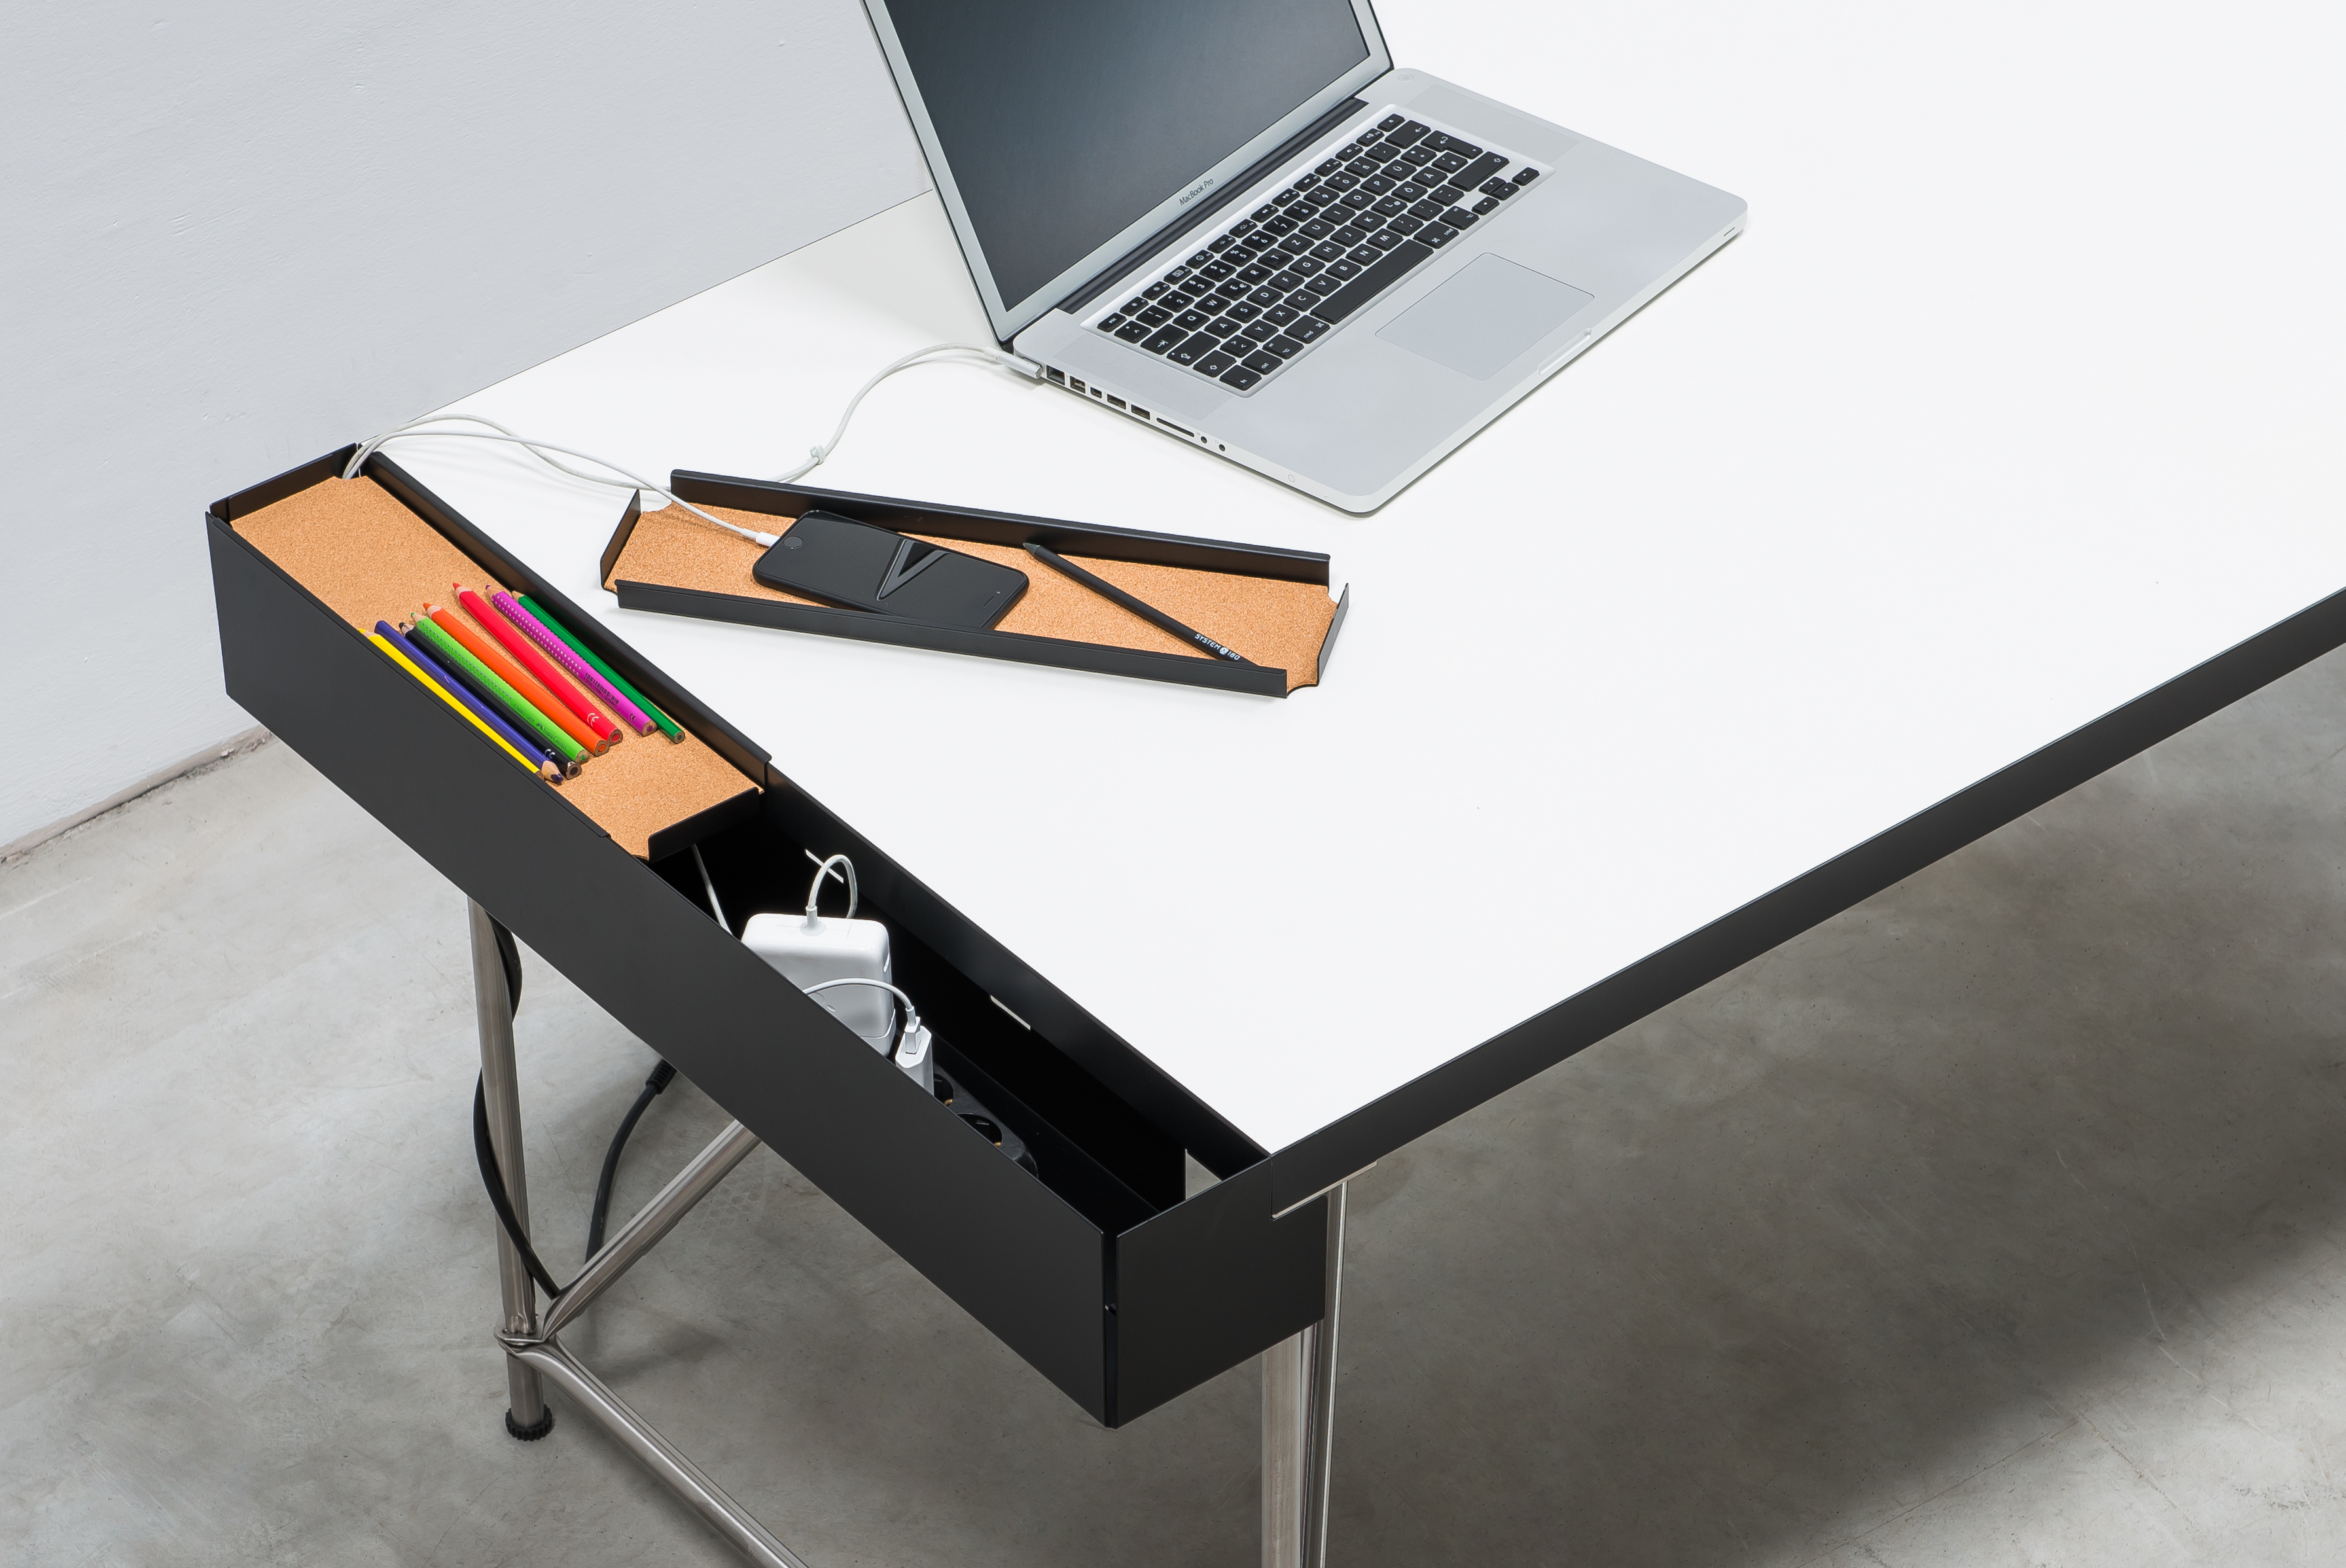 zubeh r rackpod ablagebox multibox 39262 i design del. Black Bedroom Furniture Sets. Home Design Ideas